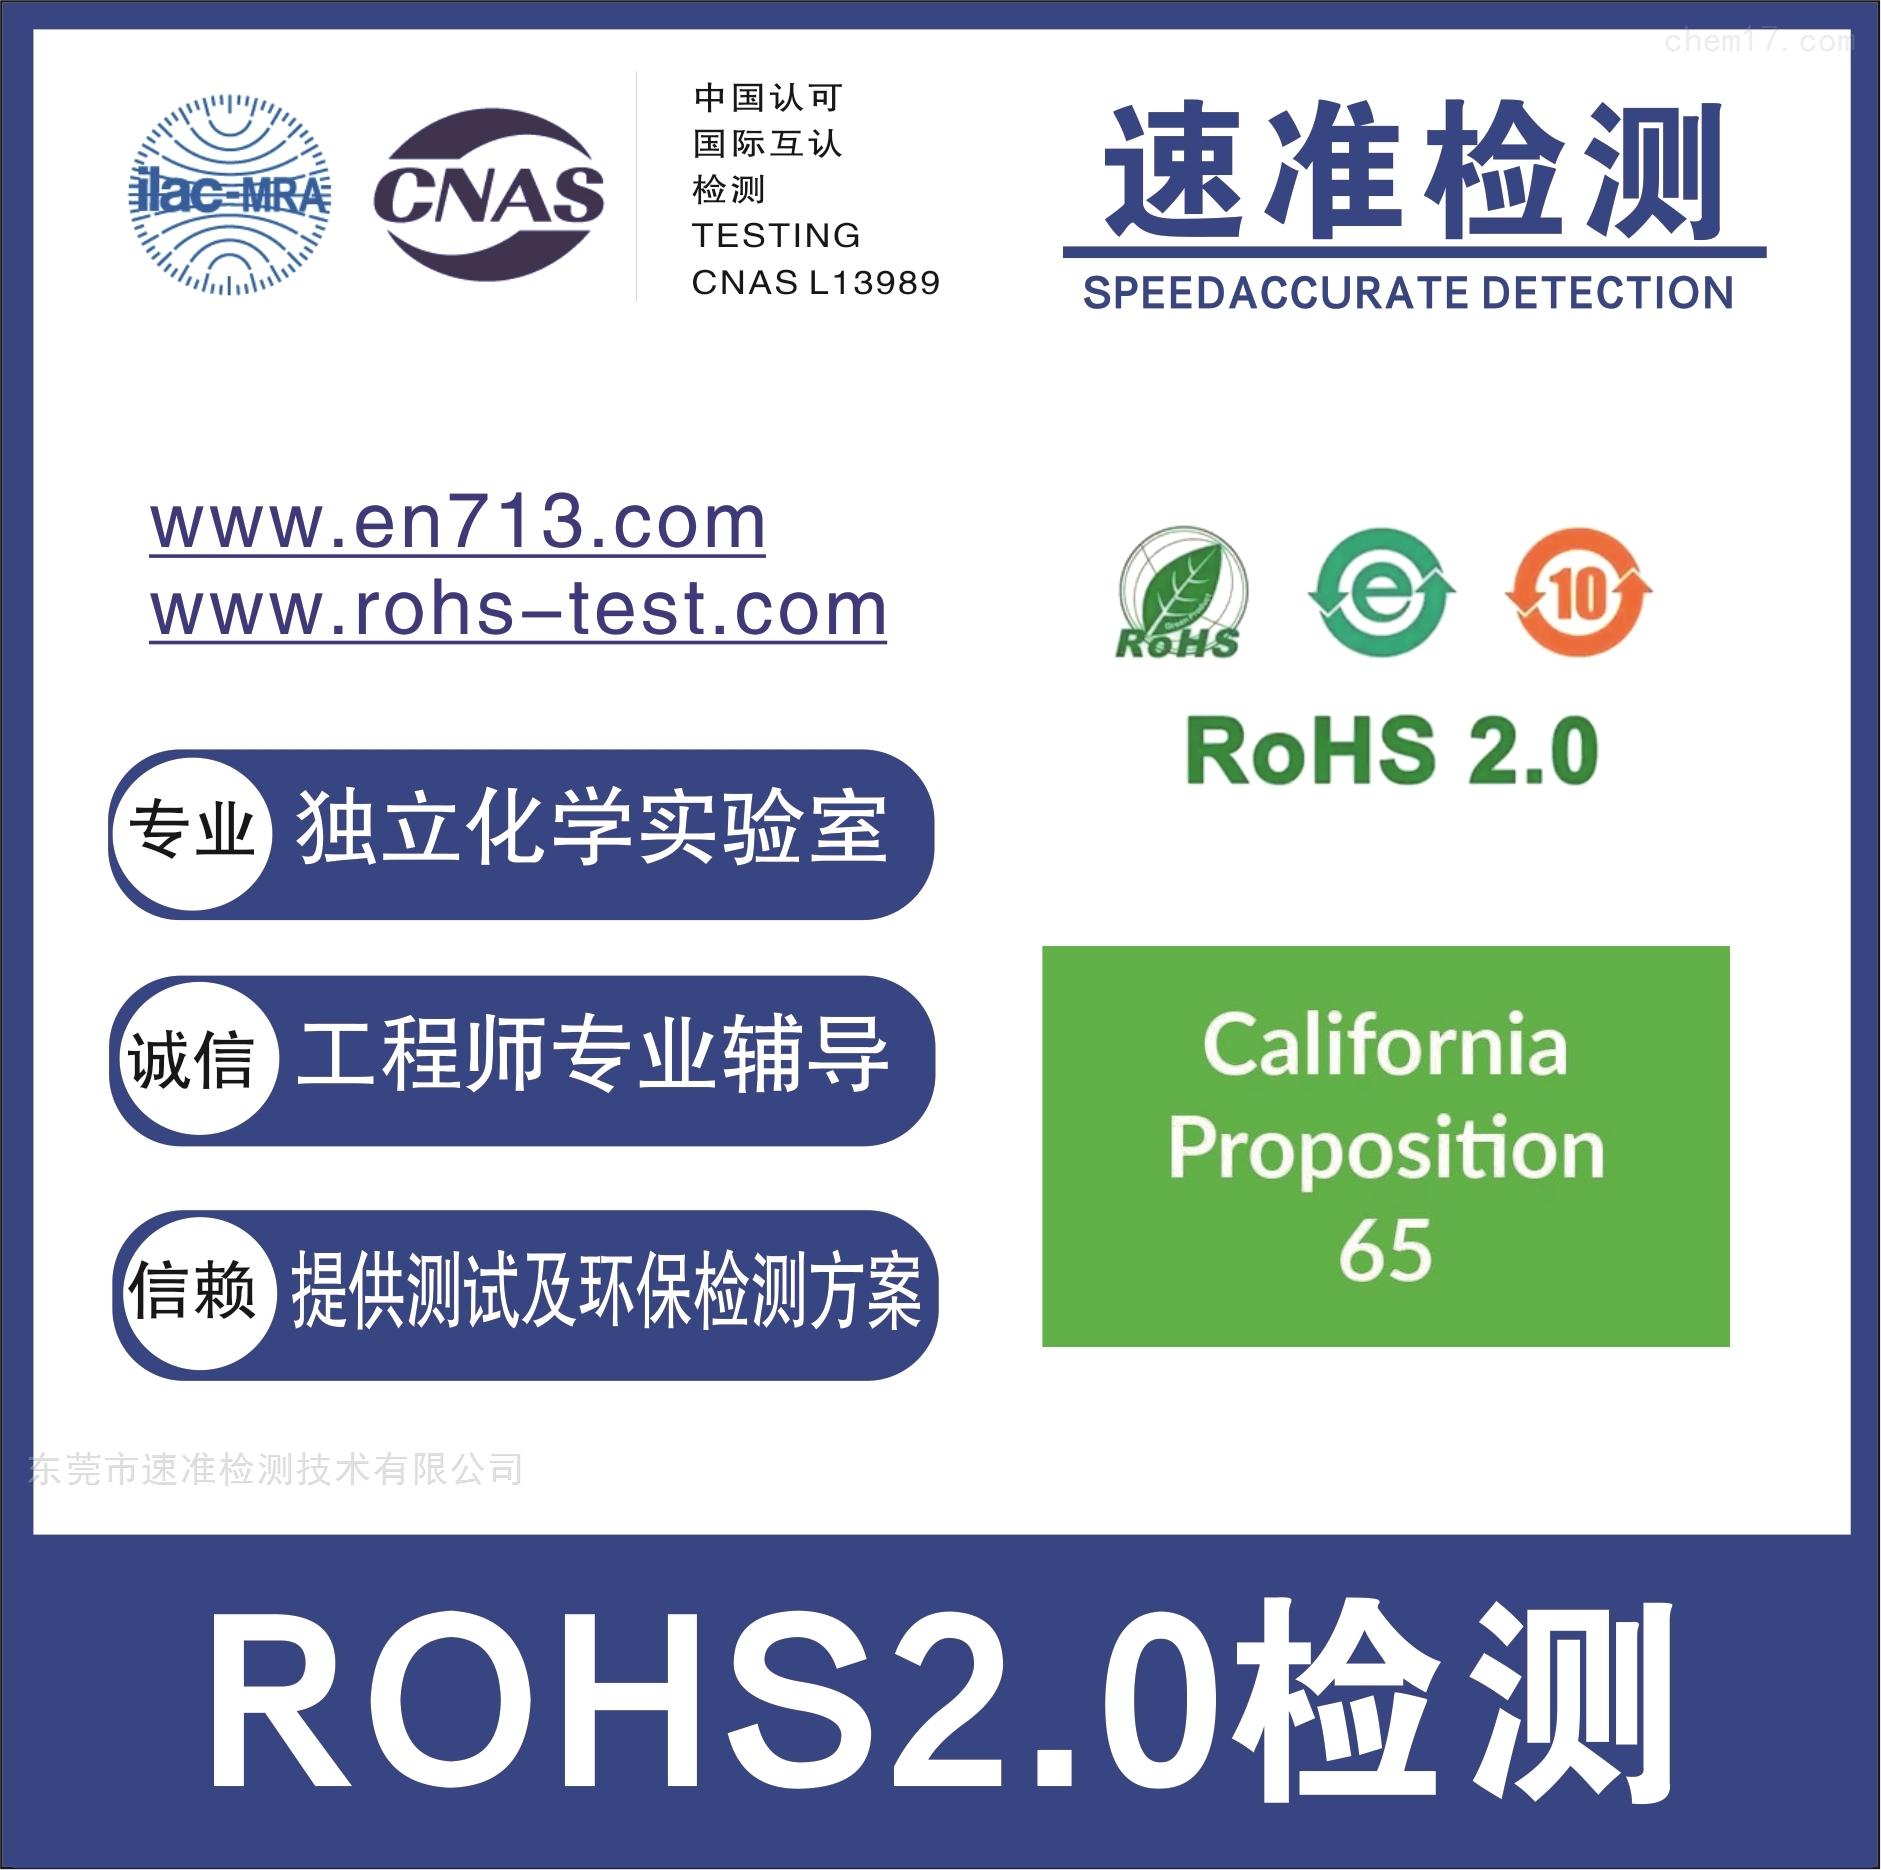 要多少钱做一从ROHS2.0测试报告